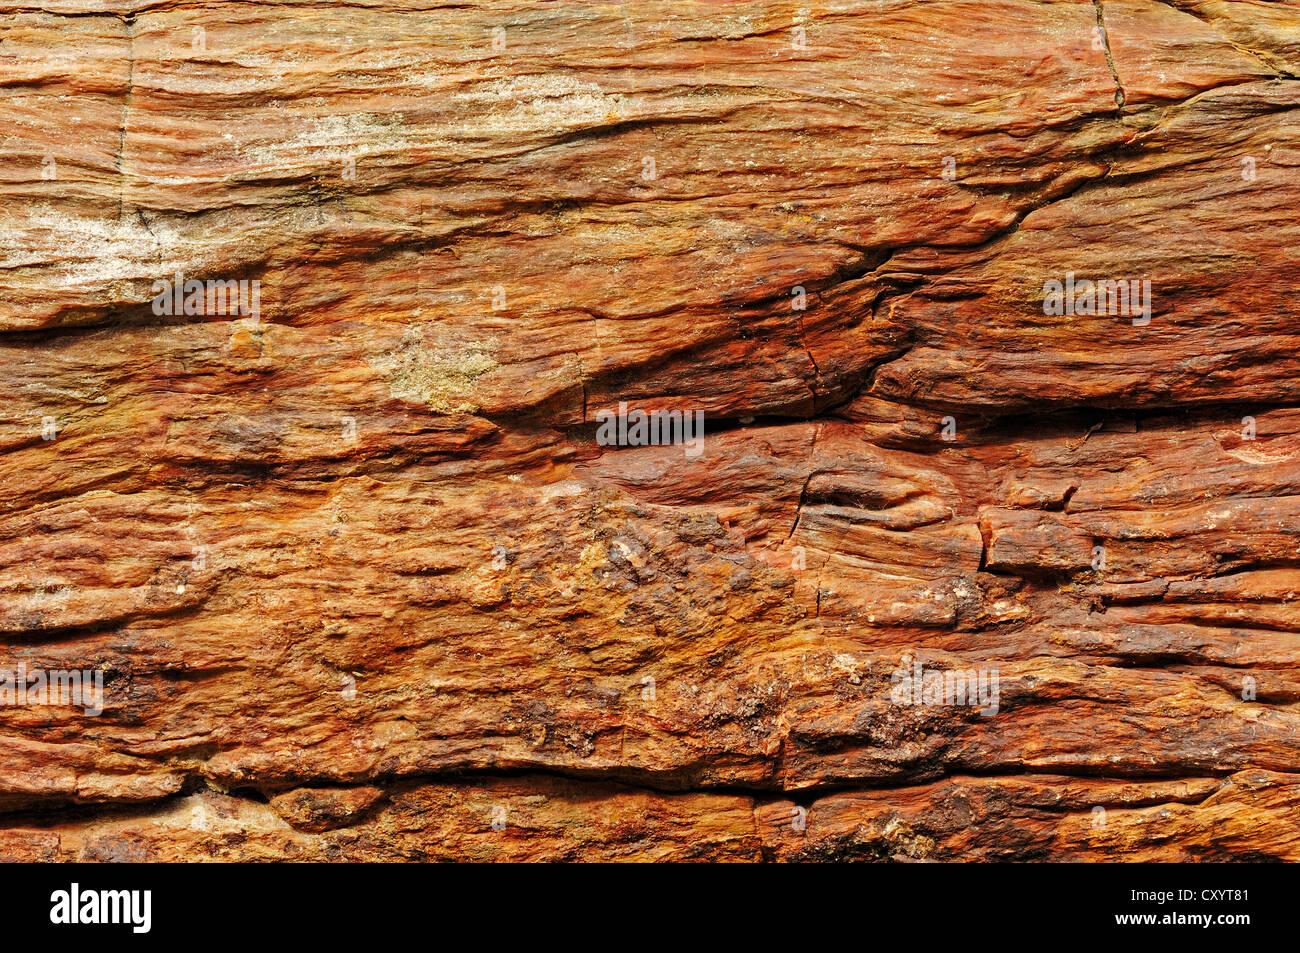 Versteinerter Baumstamm, Detailansicht, Arizona, USA Stockbild